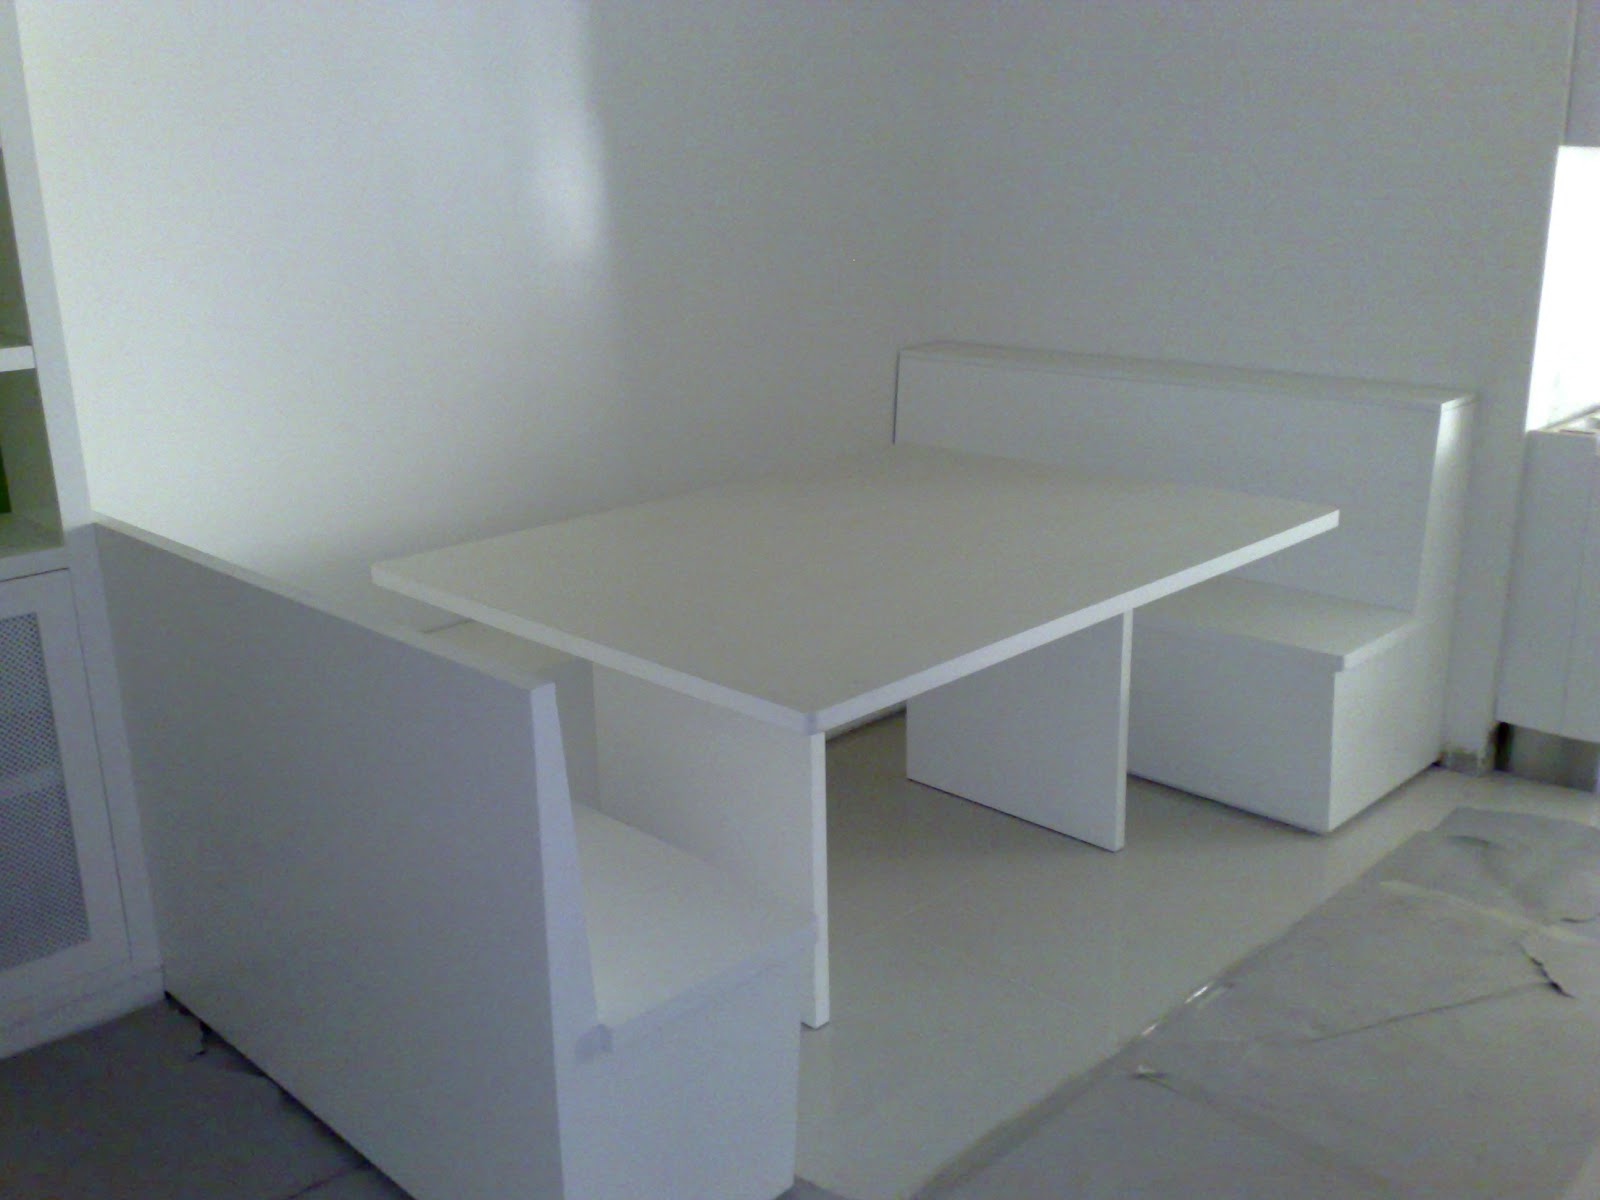 Amoblamientos cj mesa de cocina con bancos y alacena - Mesa con bancos ...